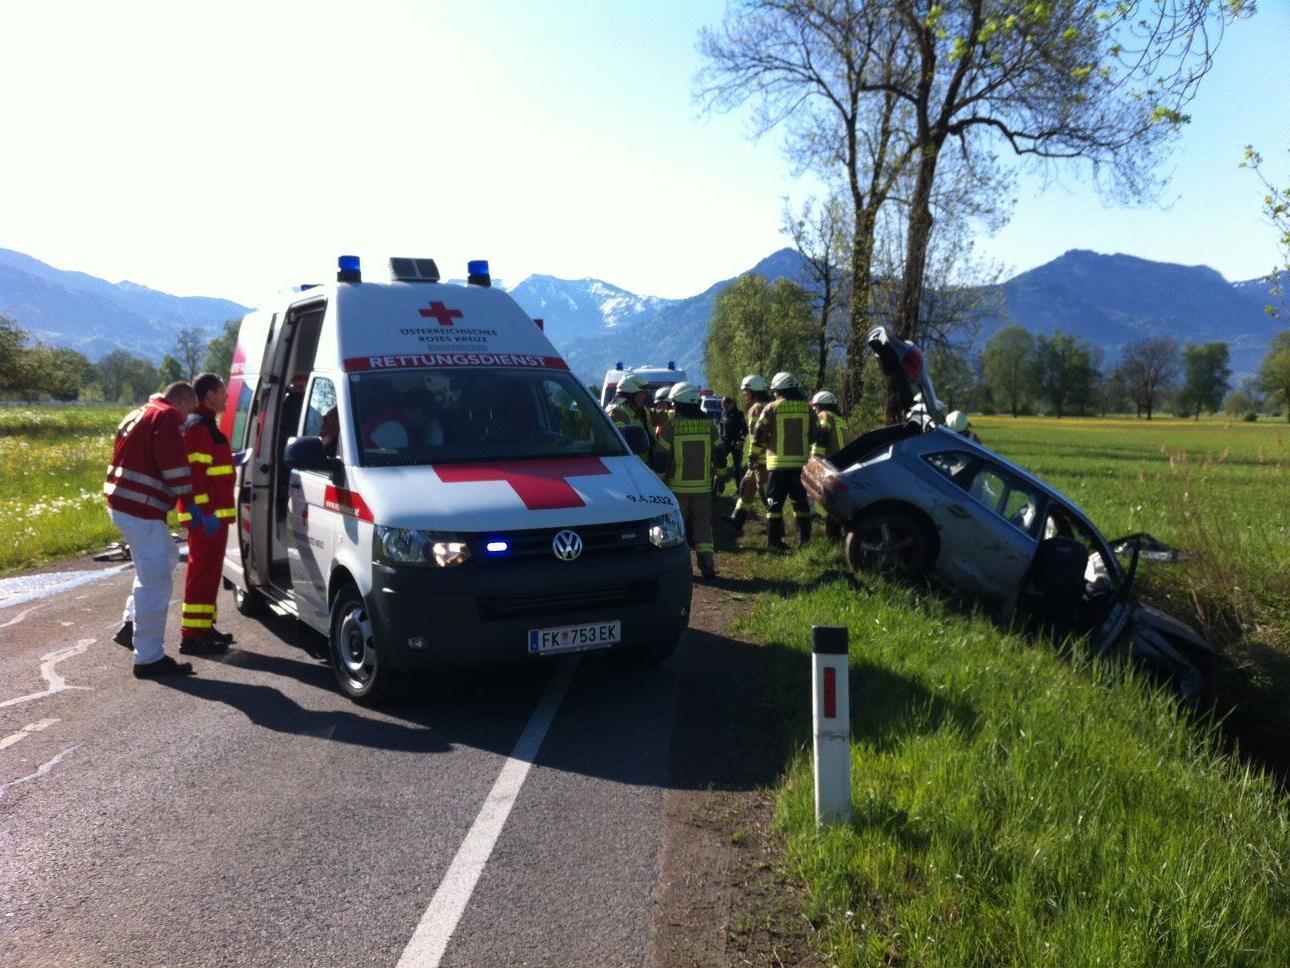 Pkw-Unfall am Dienstagmorgen in Dornbirn forderte einen Verletzten